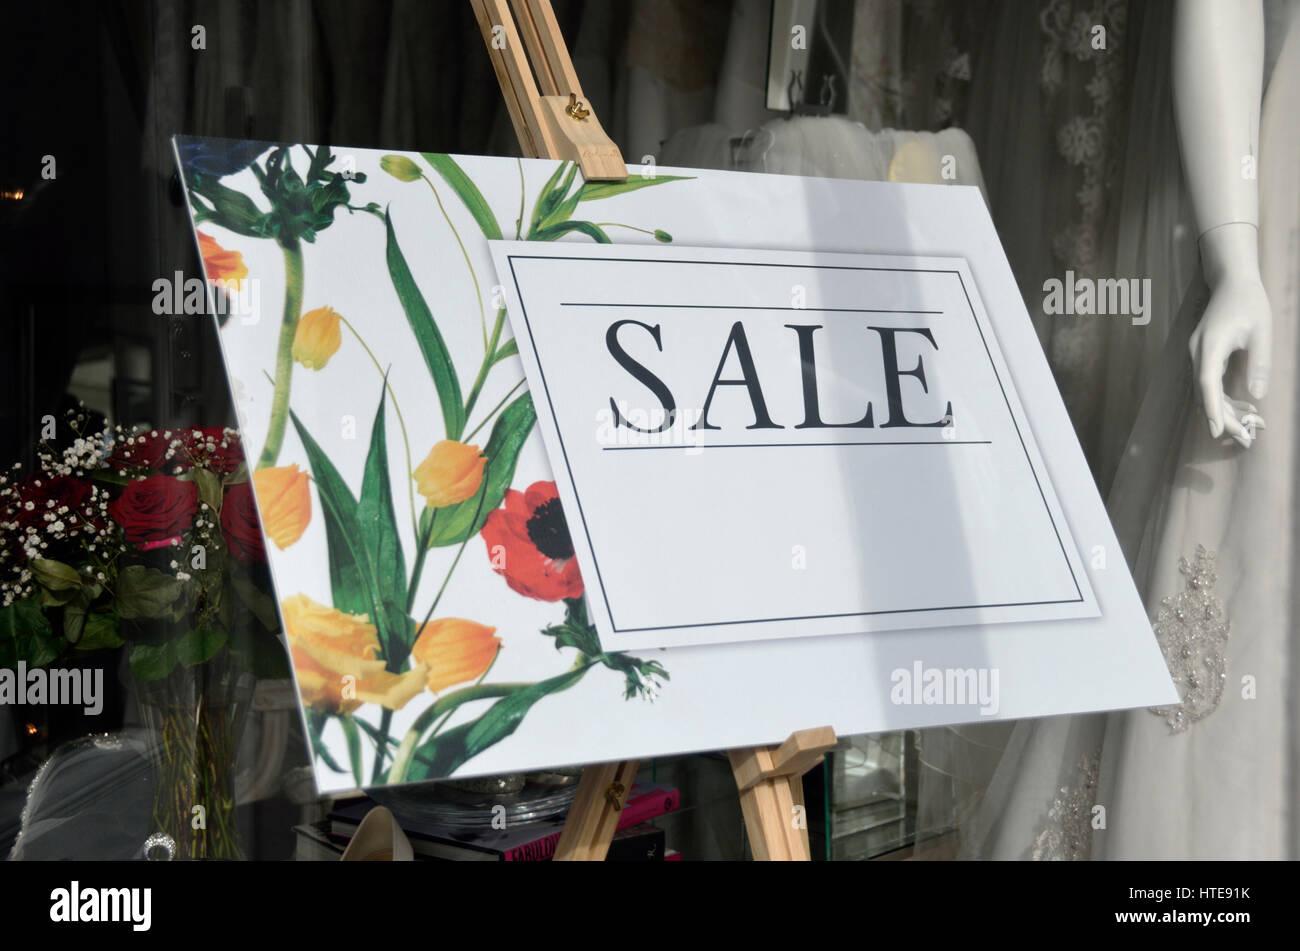 En vente une class UK shop. Photo Stock